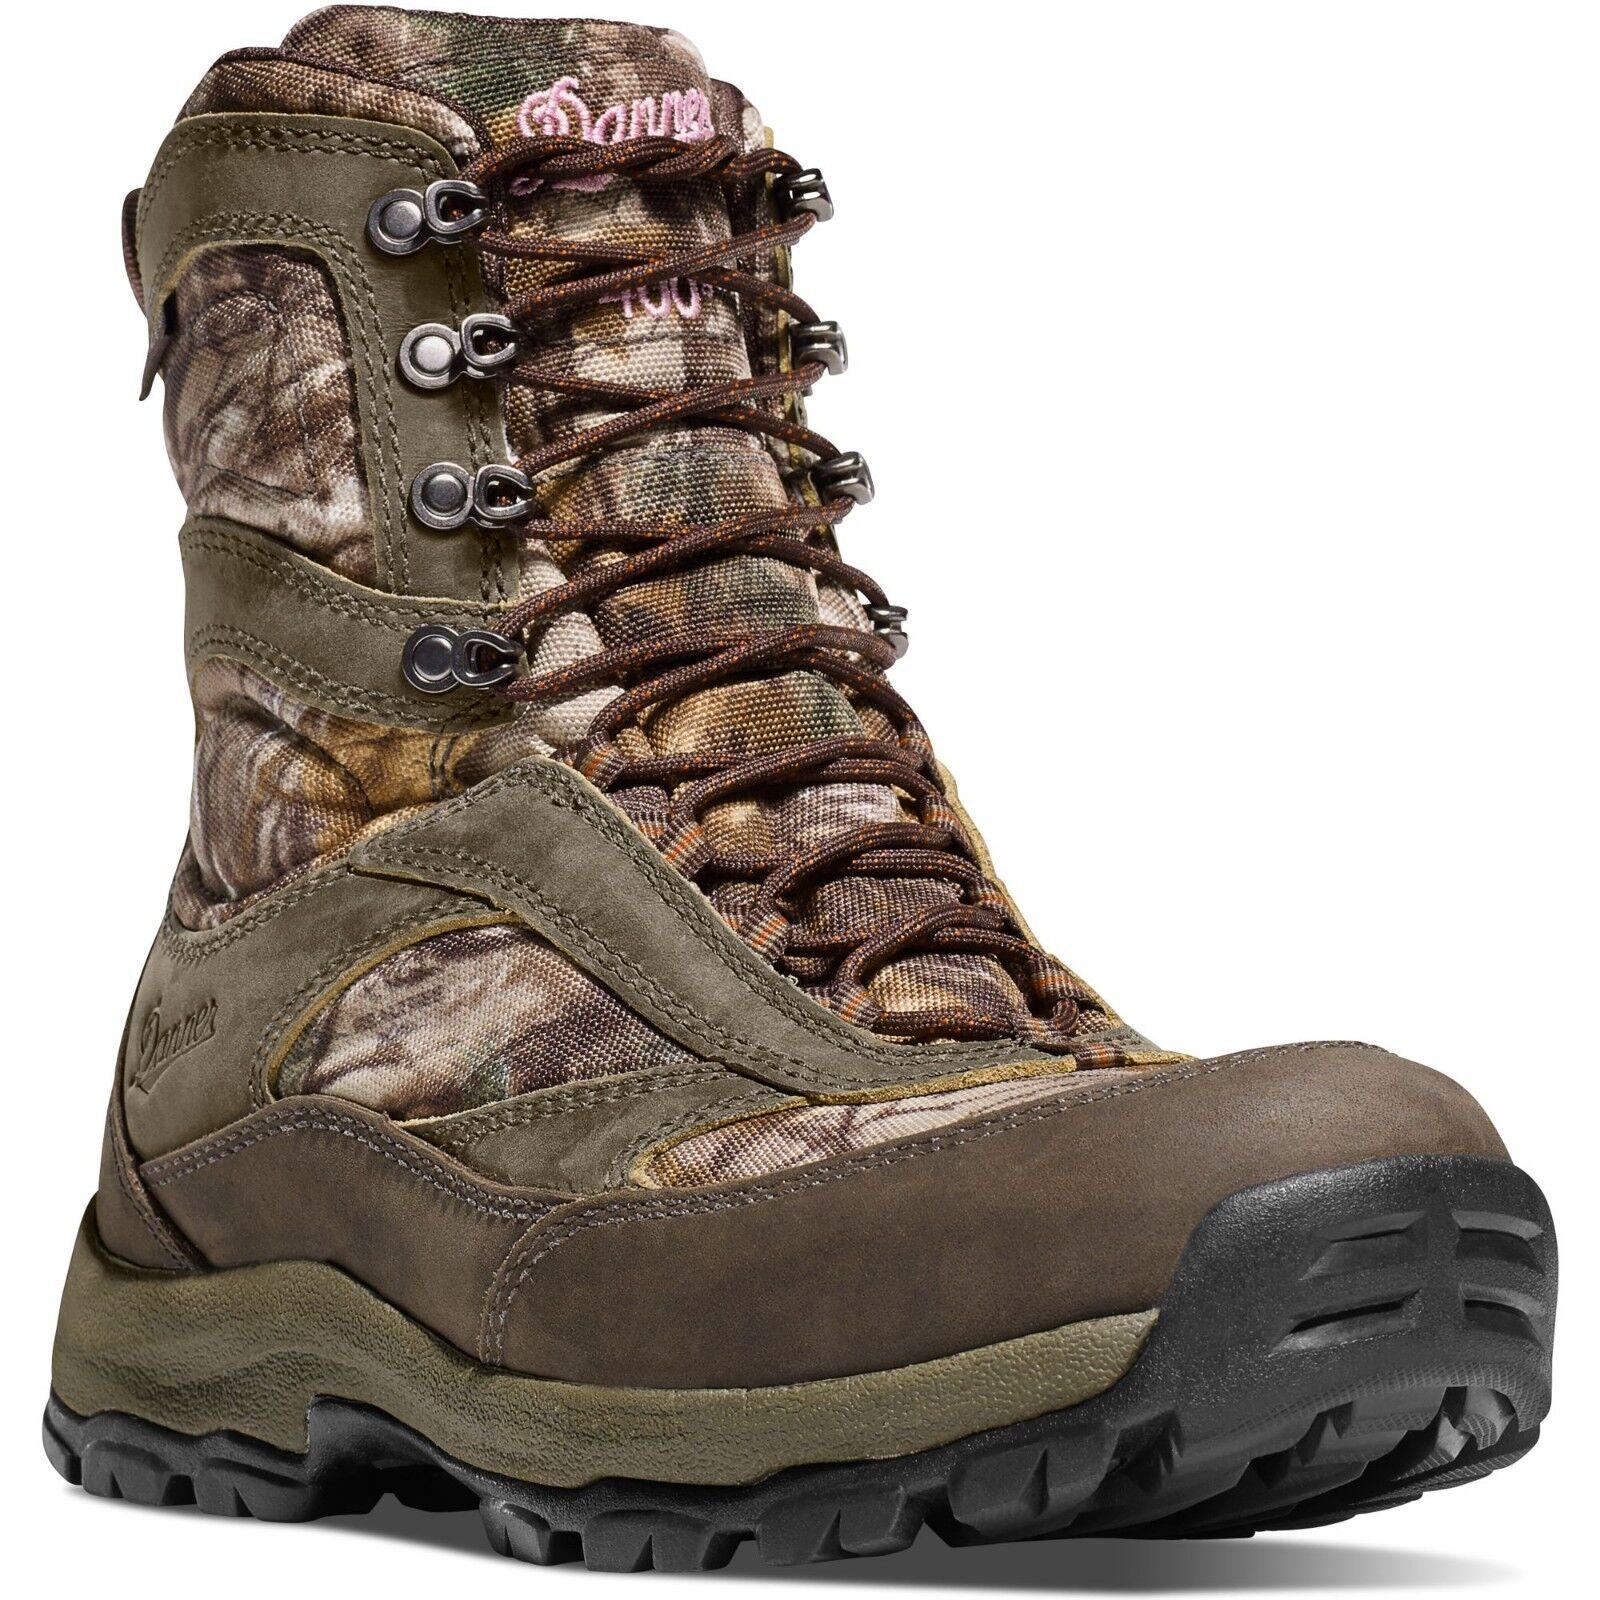 en venta en línea Danner tierra de alta para mujer 46241 8    botas De Caza Realtree Xtra 400G aislado  Venta en línea precio bajo descuento